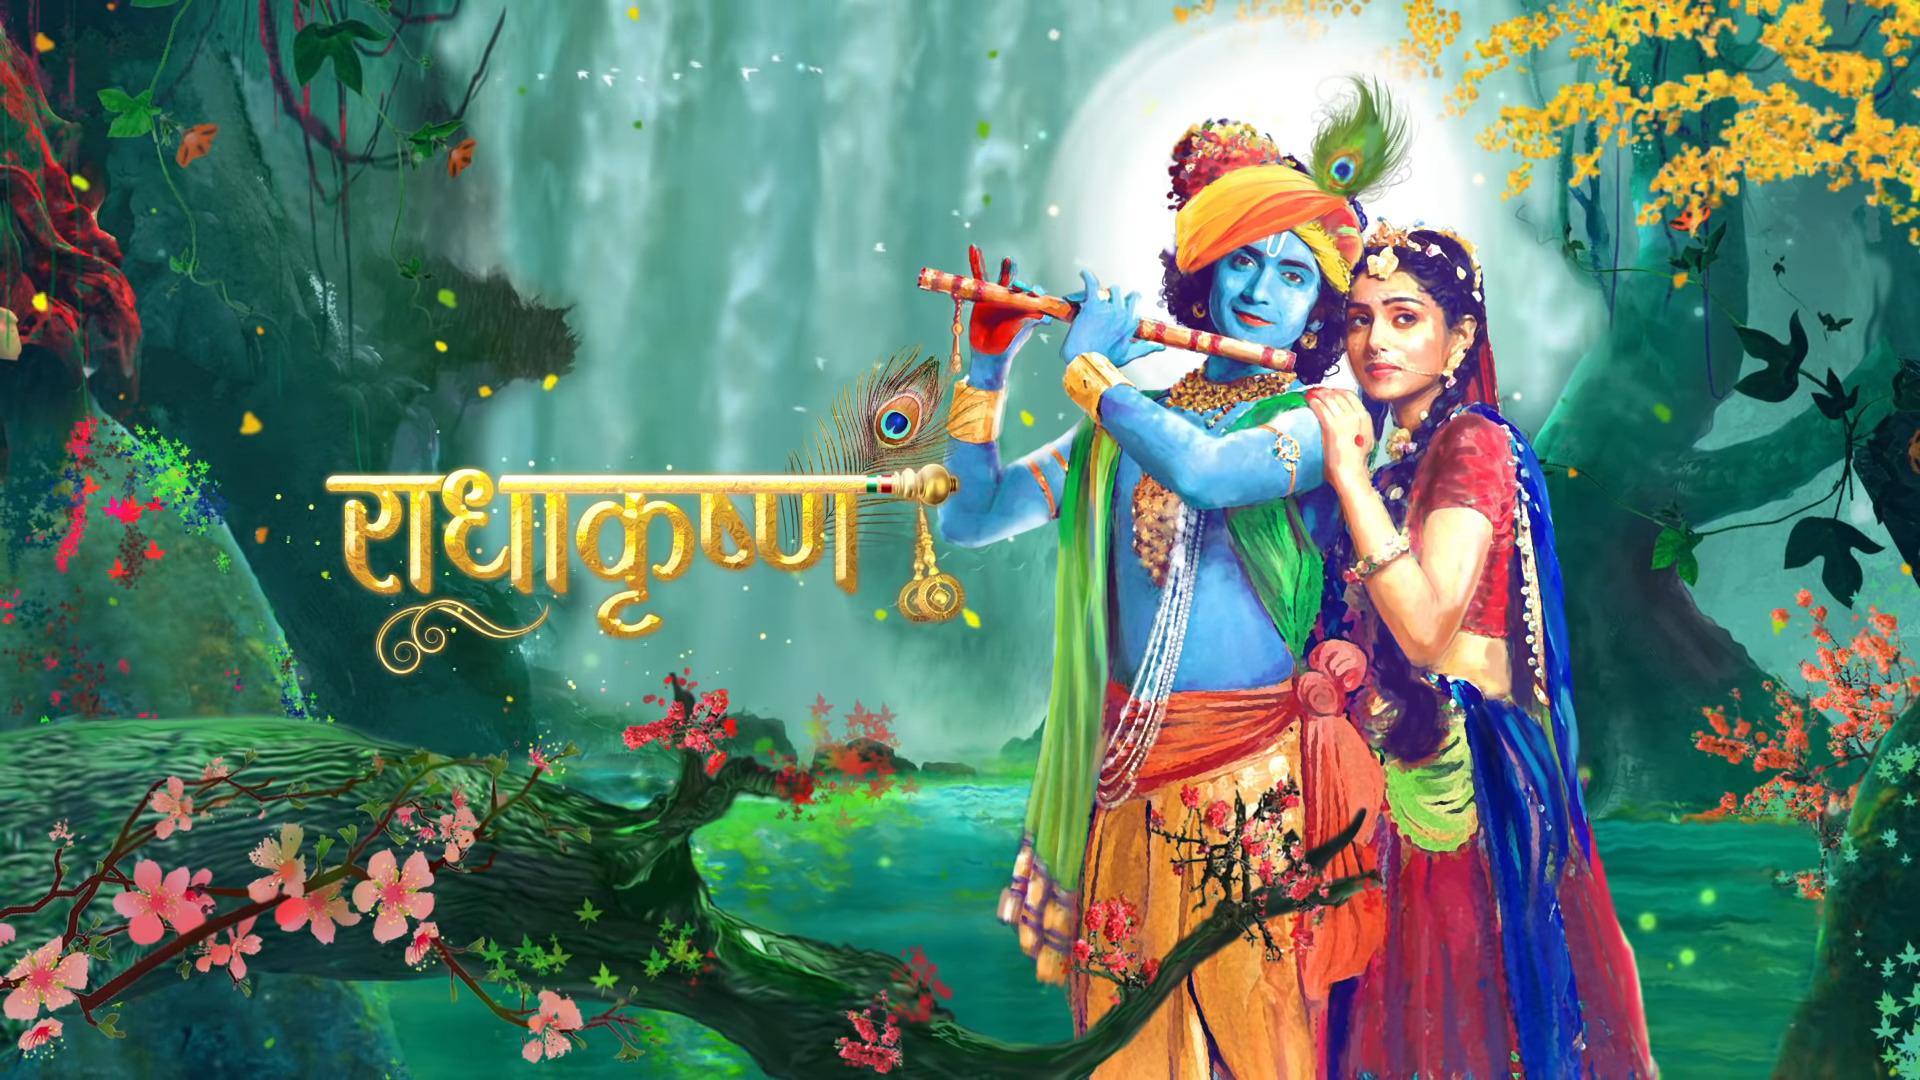 radha krishna star bharat 3d